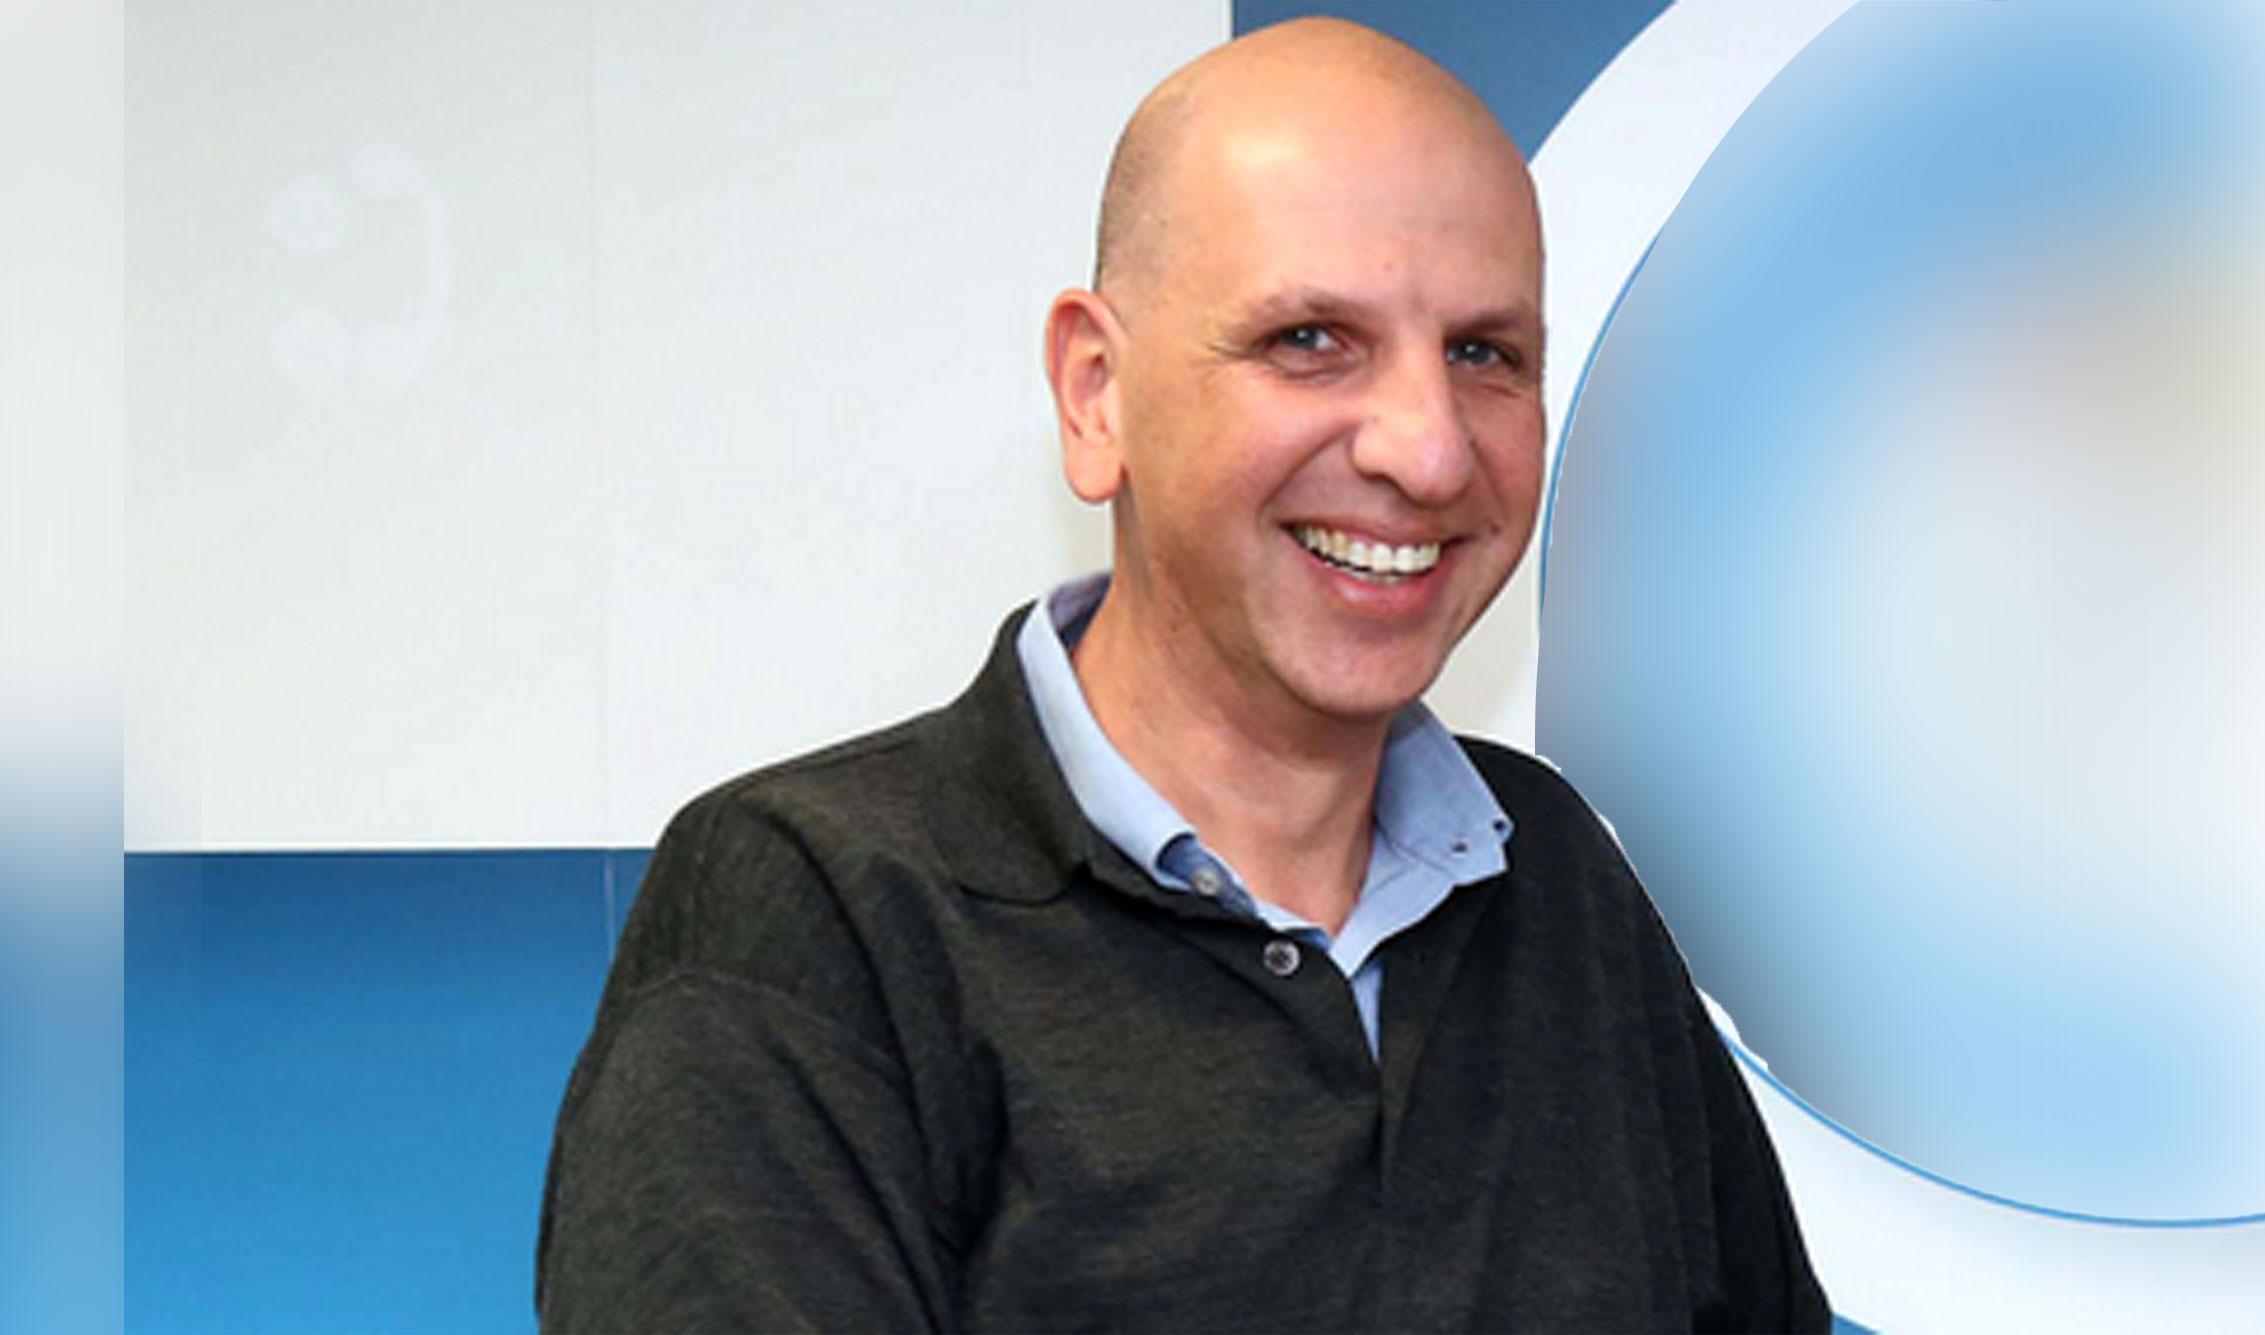 Μιωνής: Ο Παπαγγελόπουλος κεντρικό πρόσωπο της ομάδας εκβίασής μας